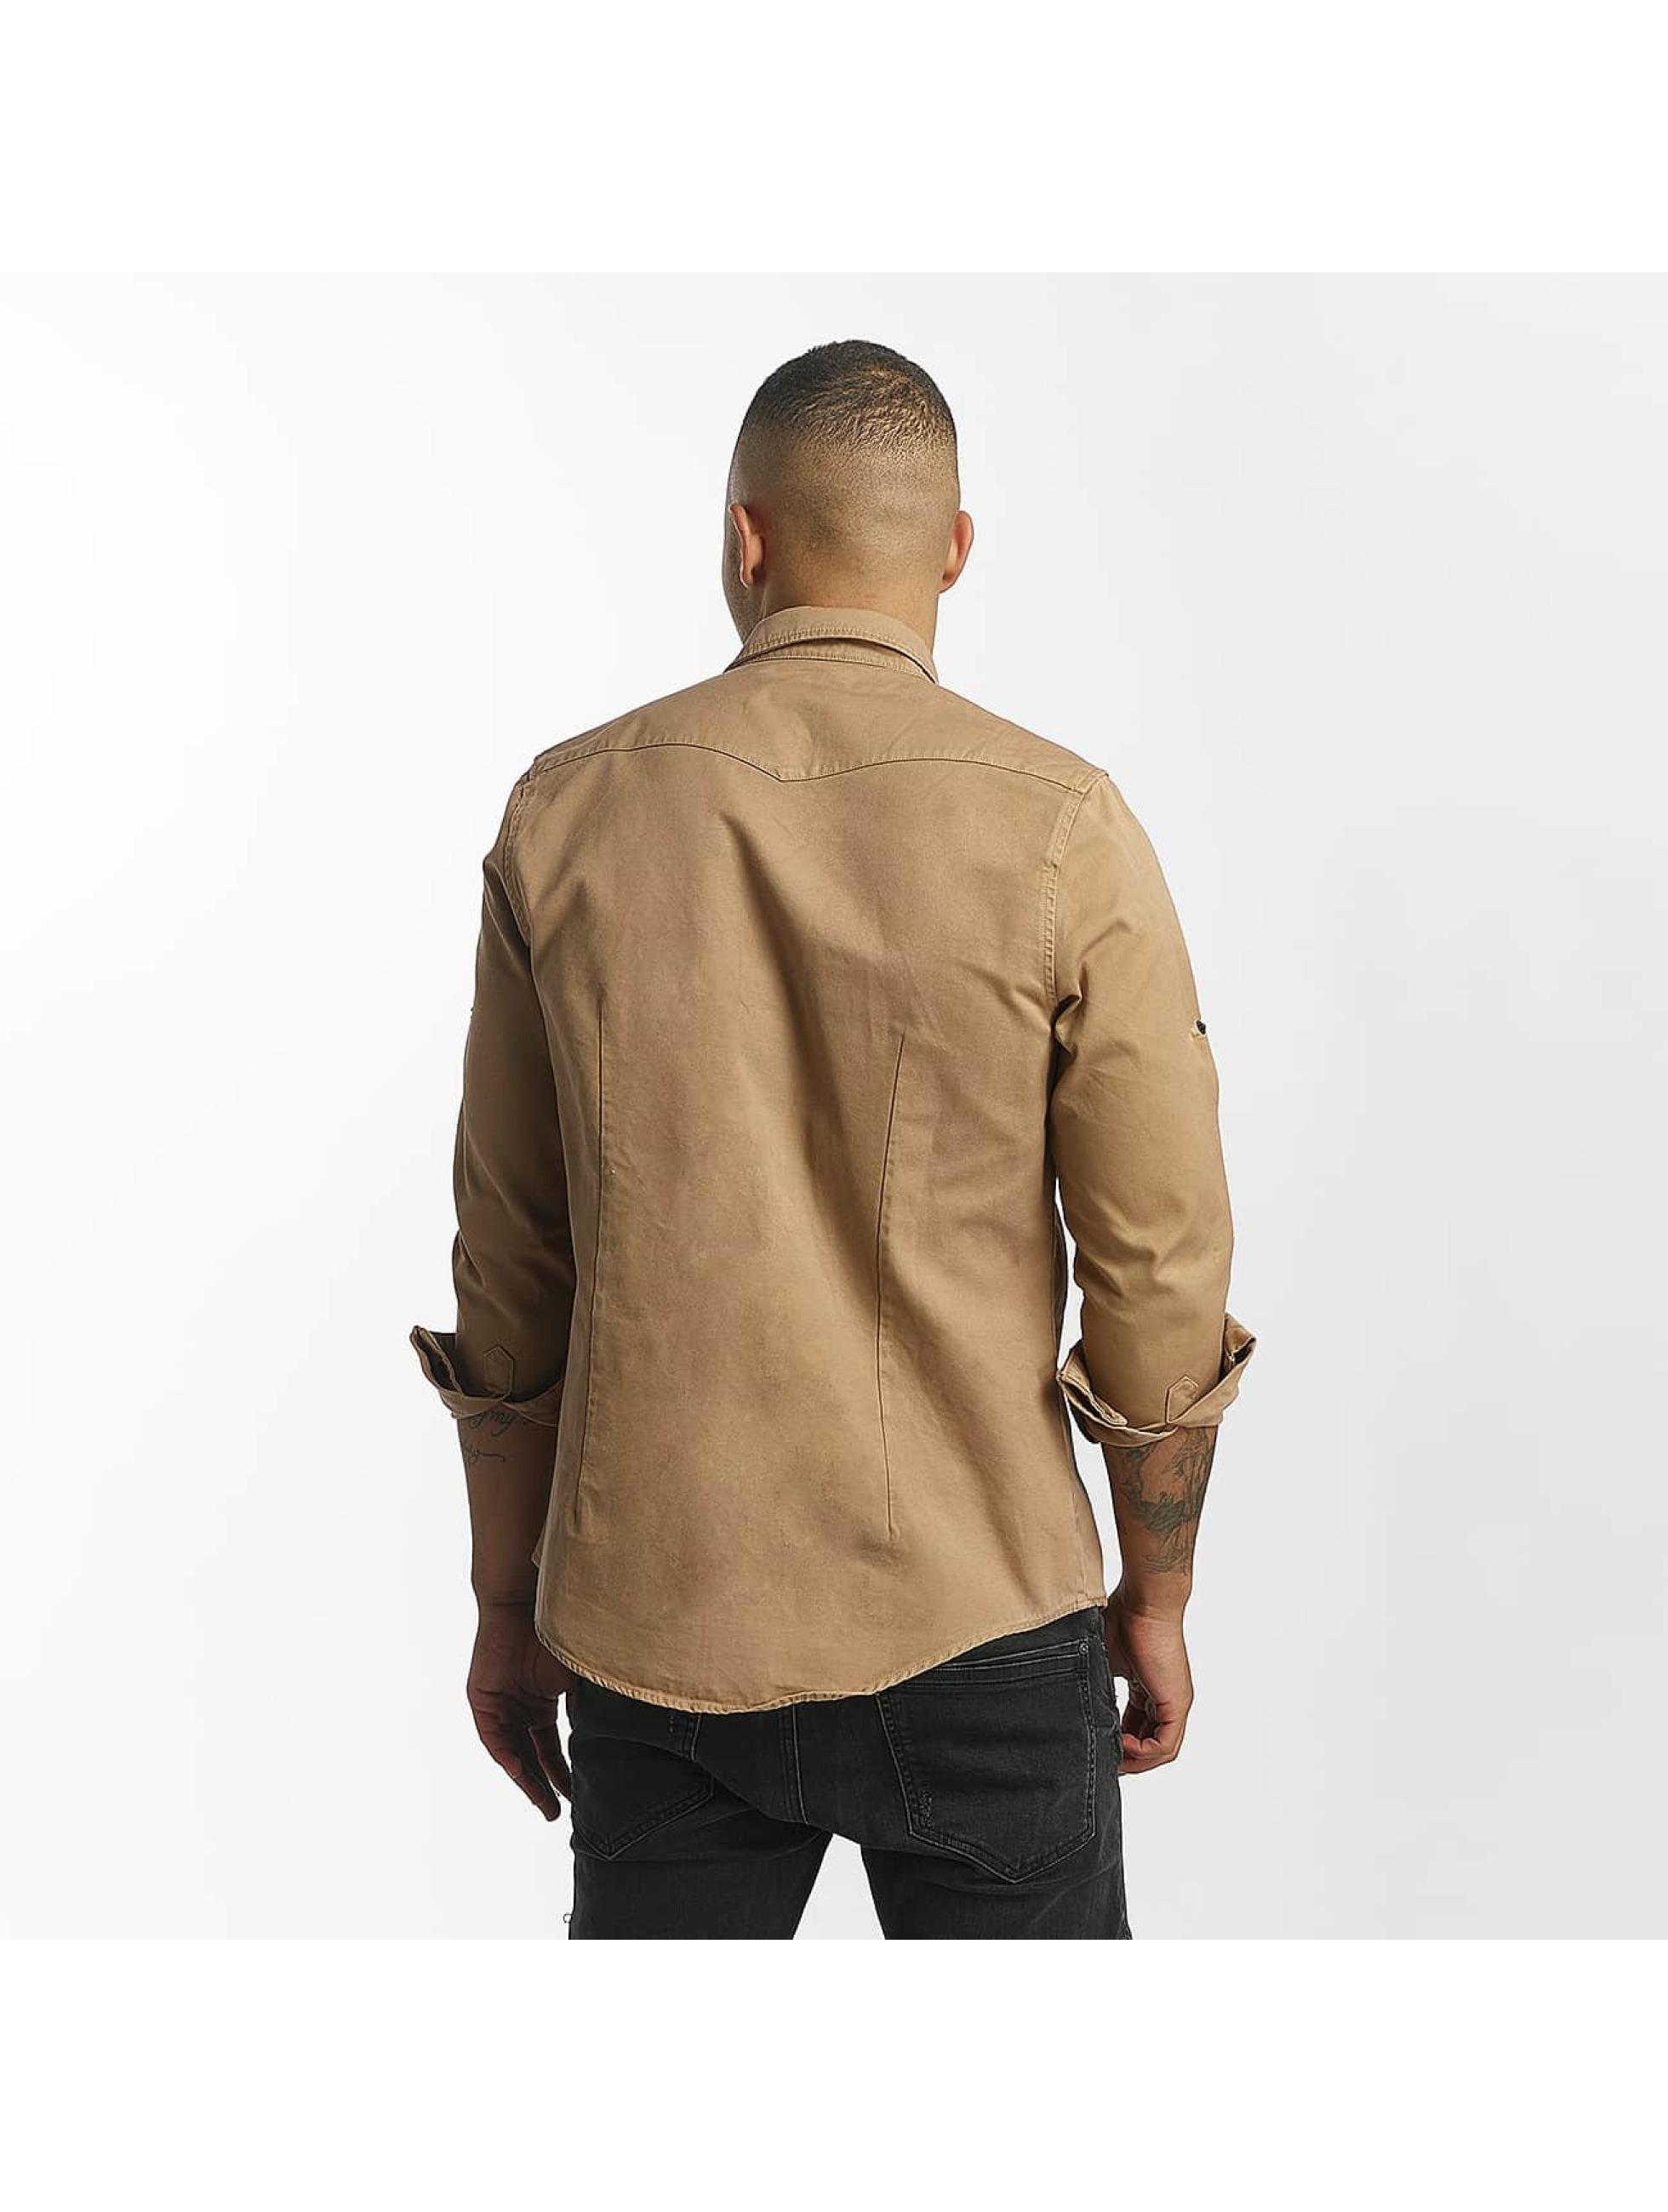 DEF overhemd Merthein beige